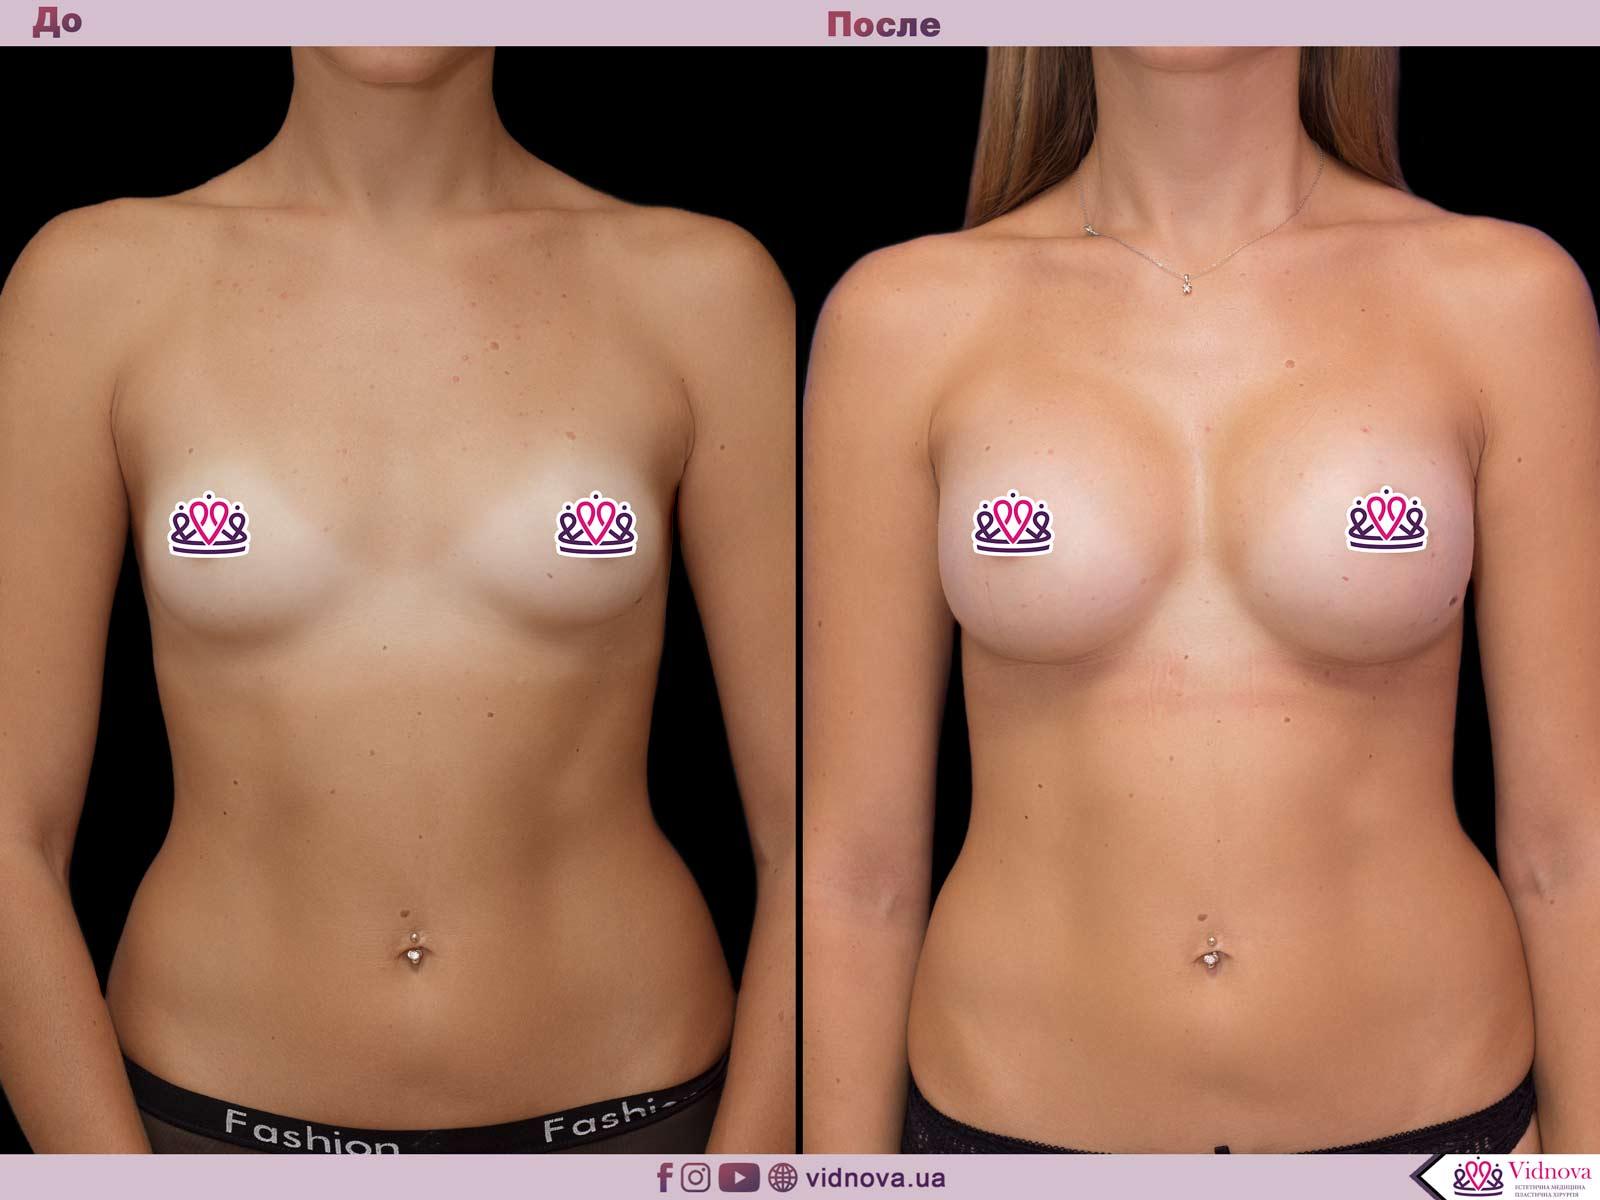 Пластика груди: результаты до и после - Пример №53-0 - Светлана Работенко